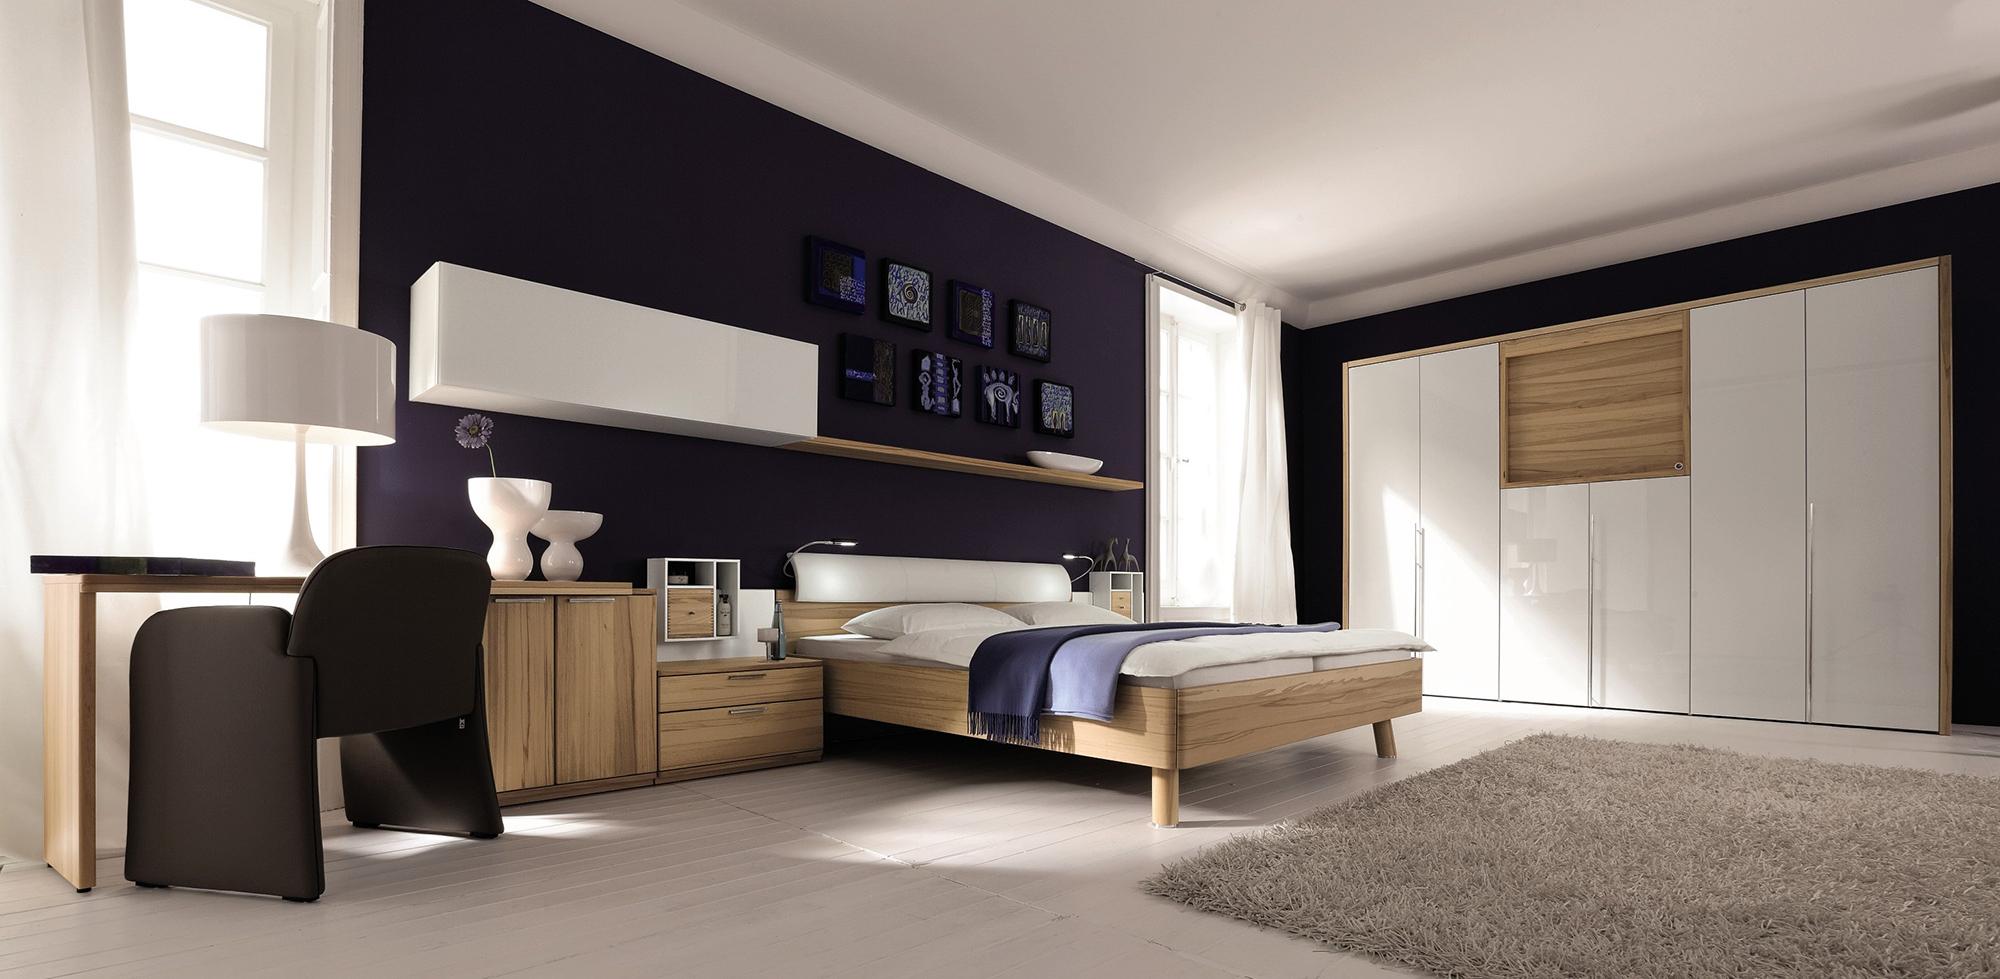 Темно-фиолетовые стены в спальне в стиле хай-тек